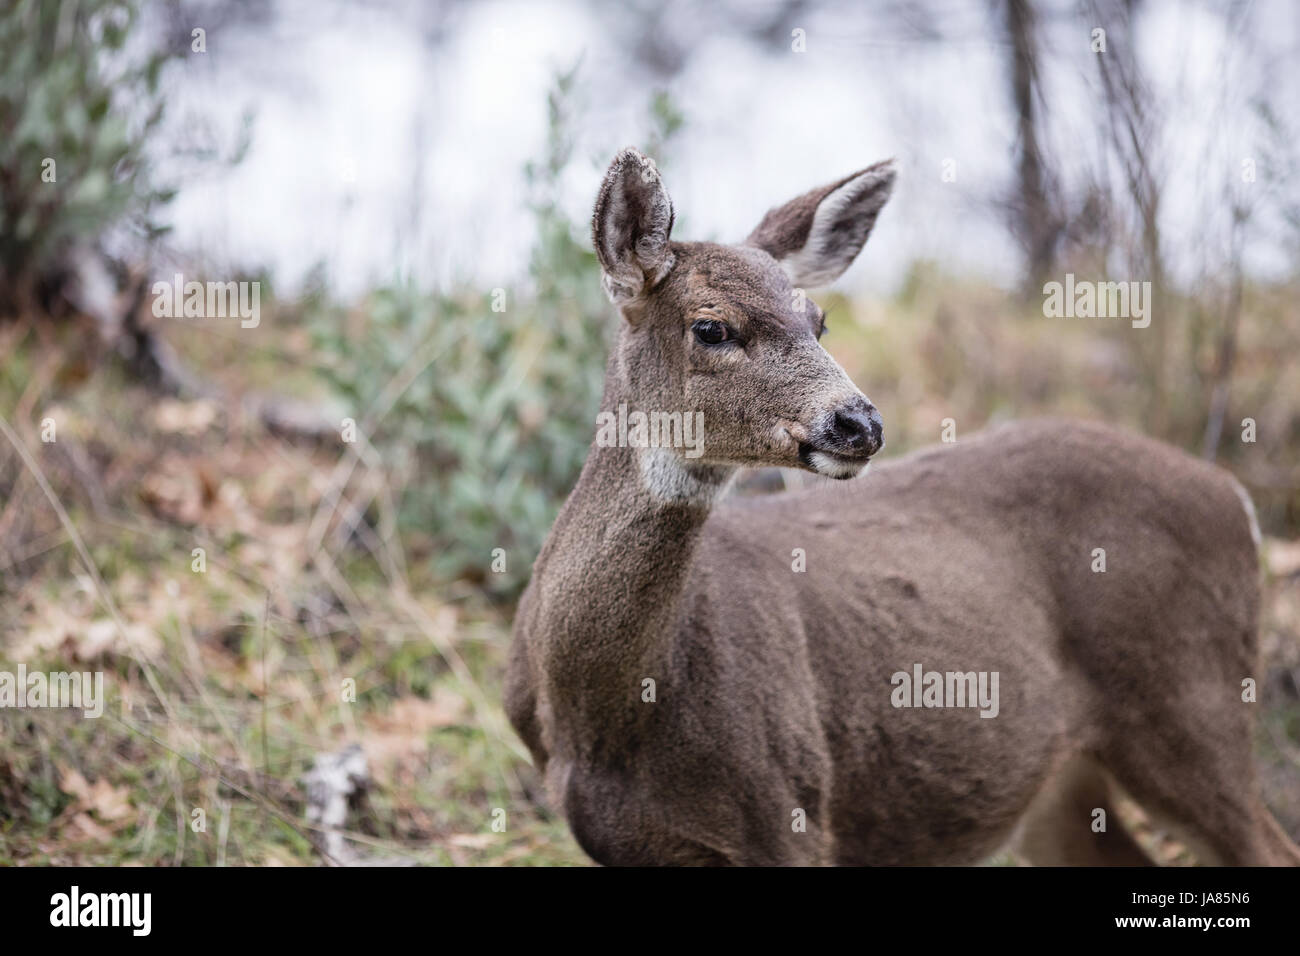 Retrato de una mujer ciervo en el medio silvestre mirando a la cámara. Imagen De Stock